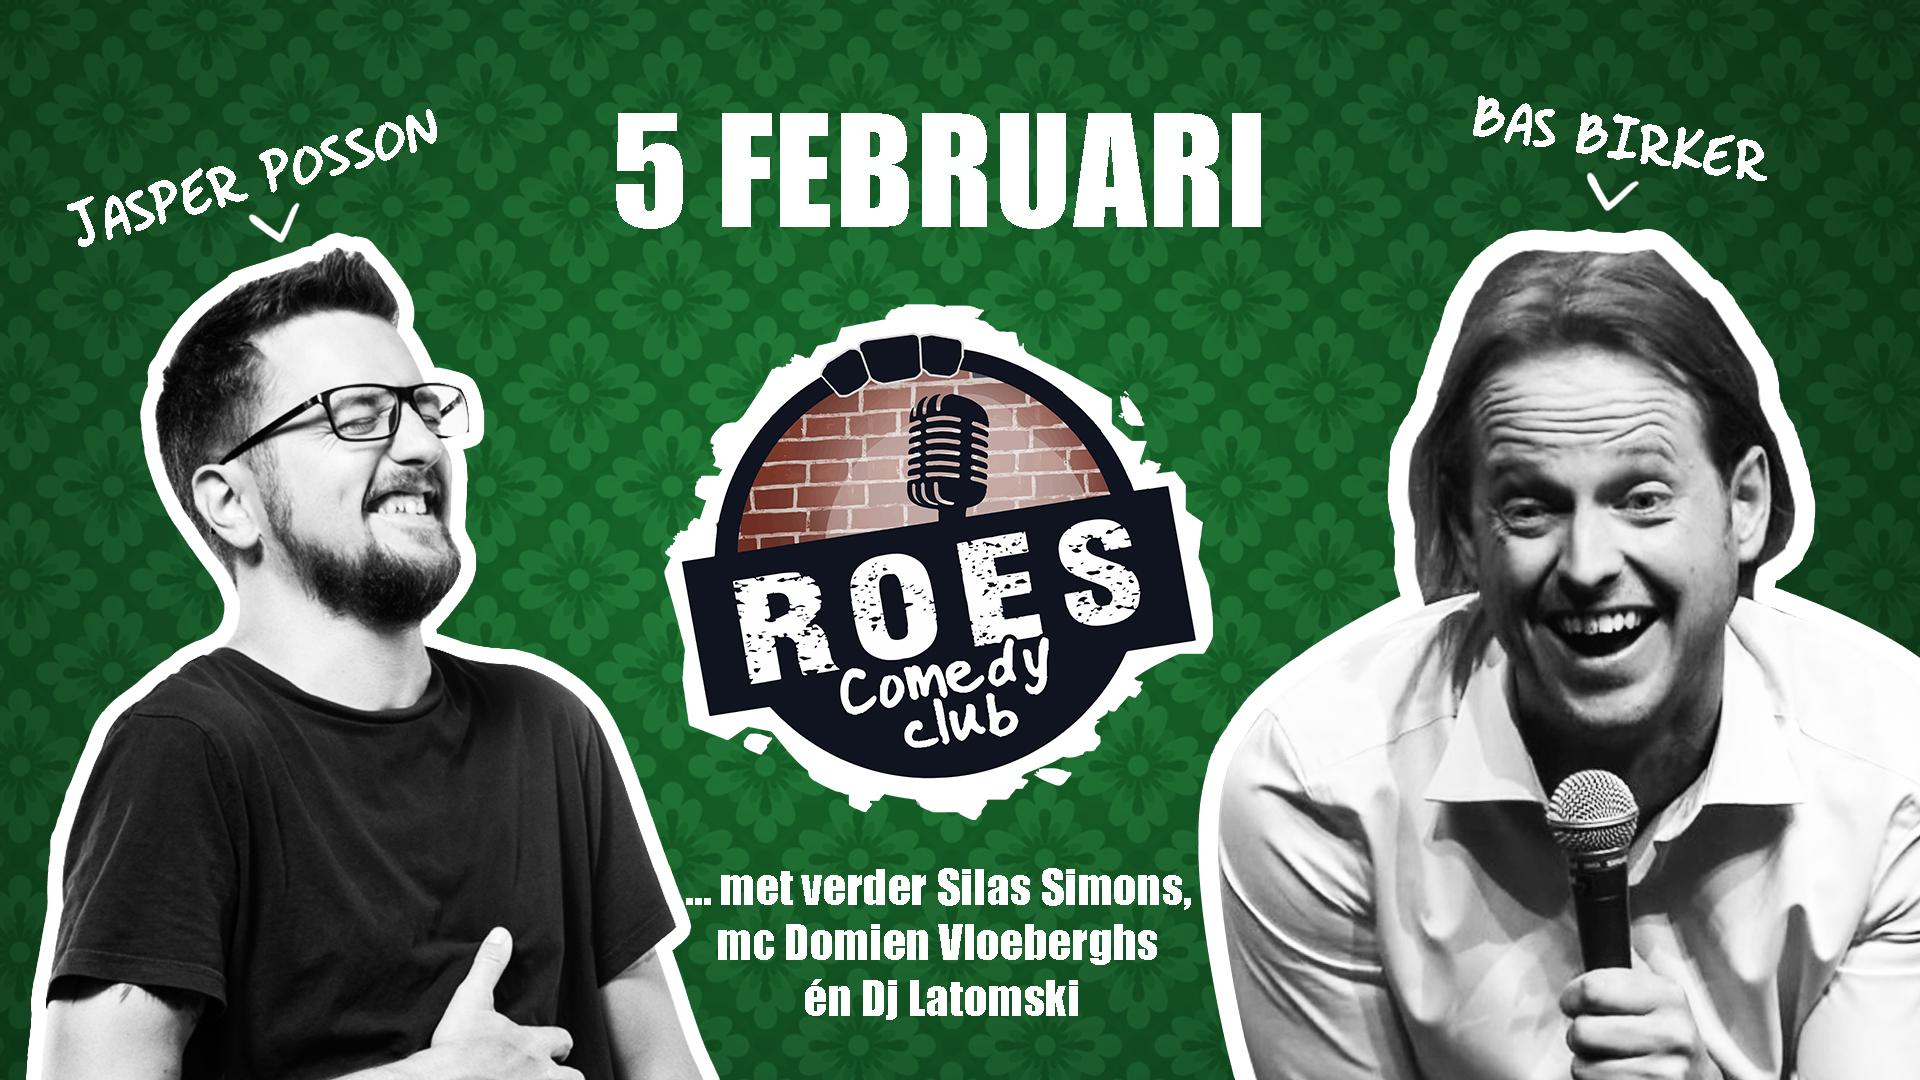 Ticket kopen voor evenement Roes Comedy Club: Bas Birker